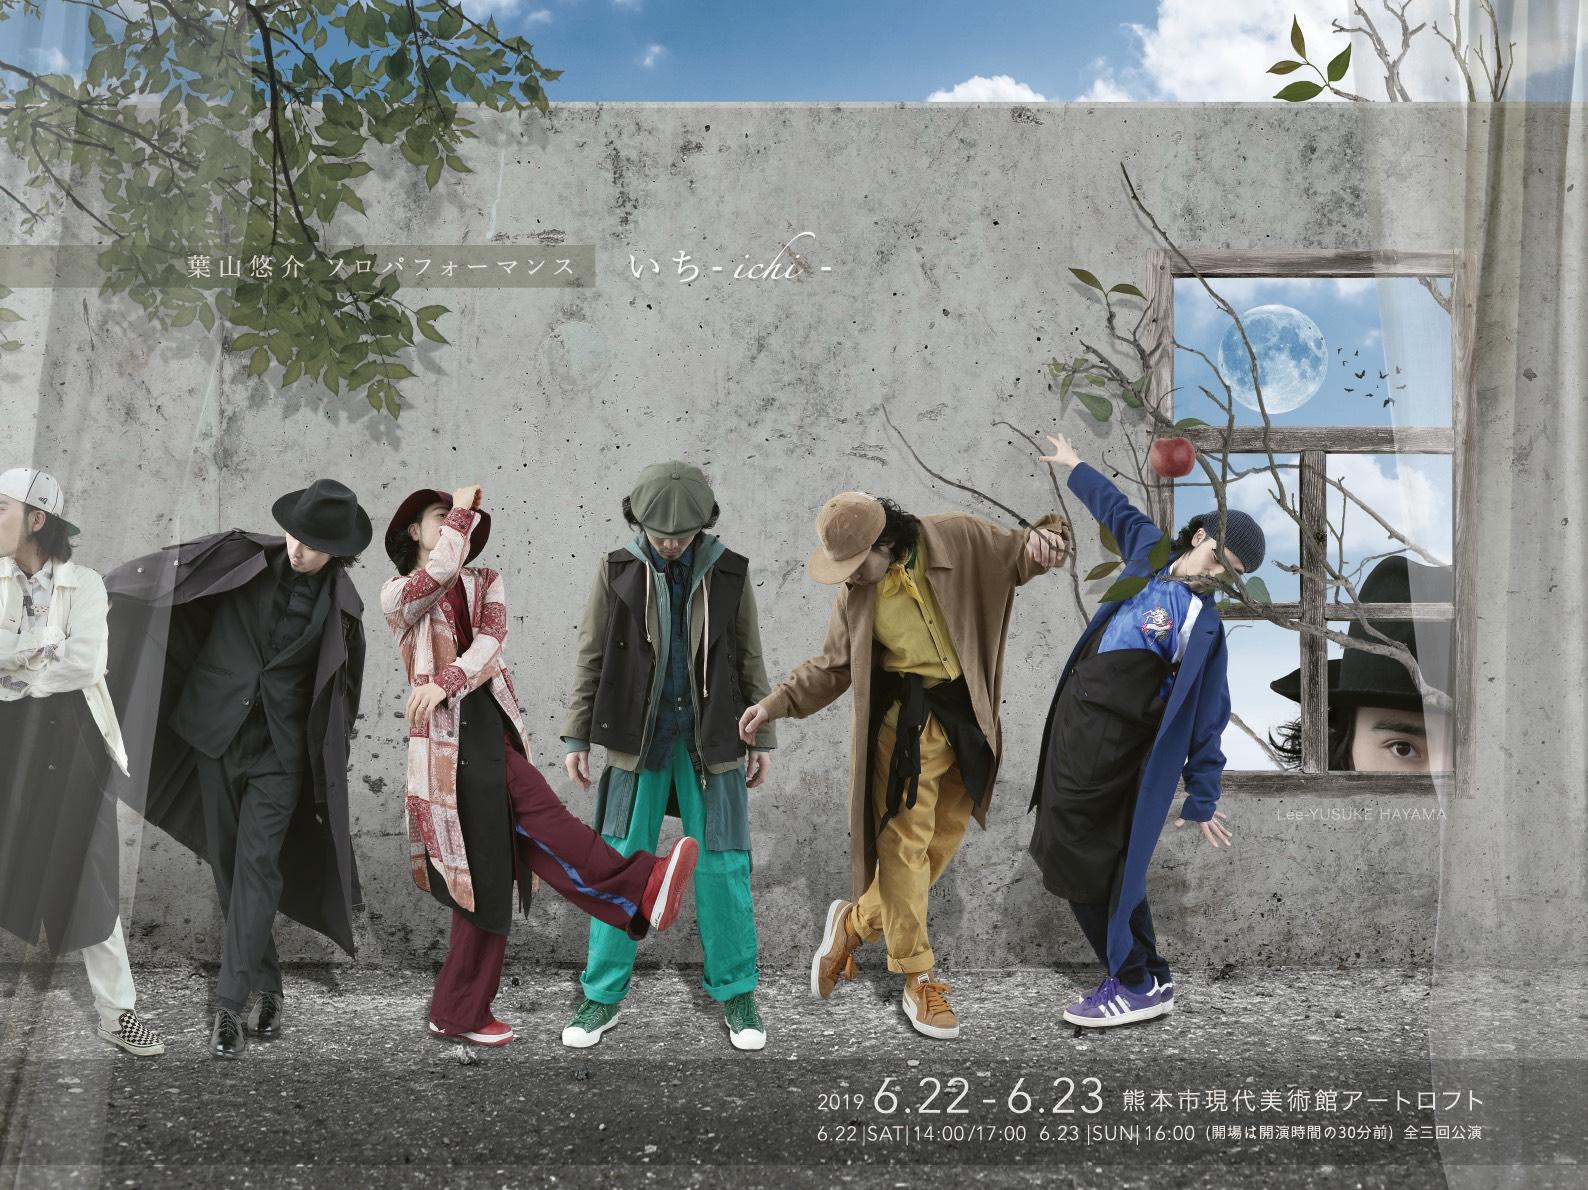 葉山悠介ソロパフォーマンス「いち-ichi-」チラシ1